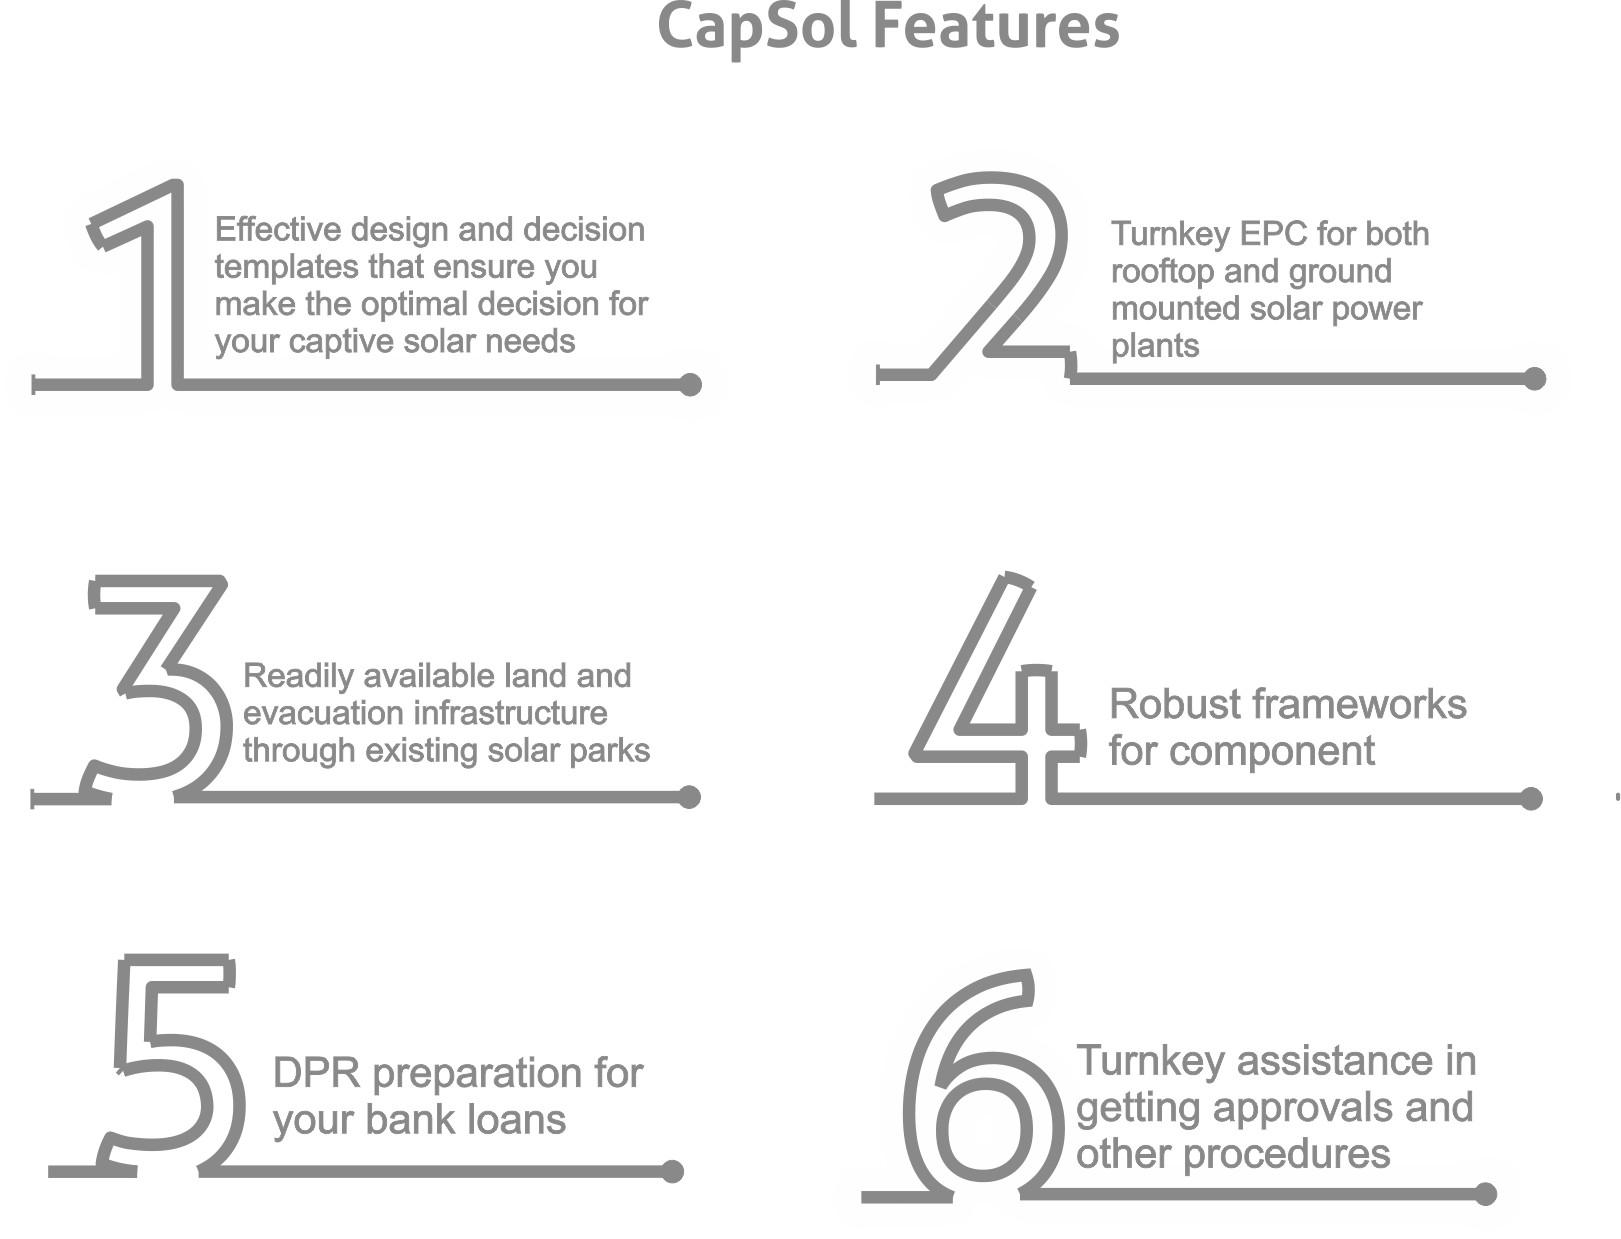 CapSol Features